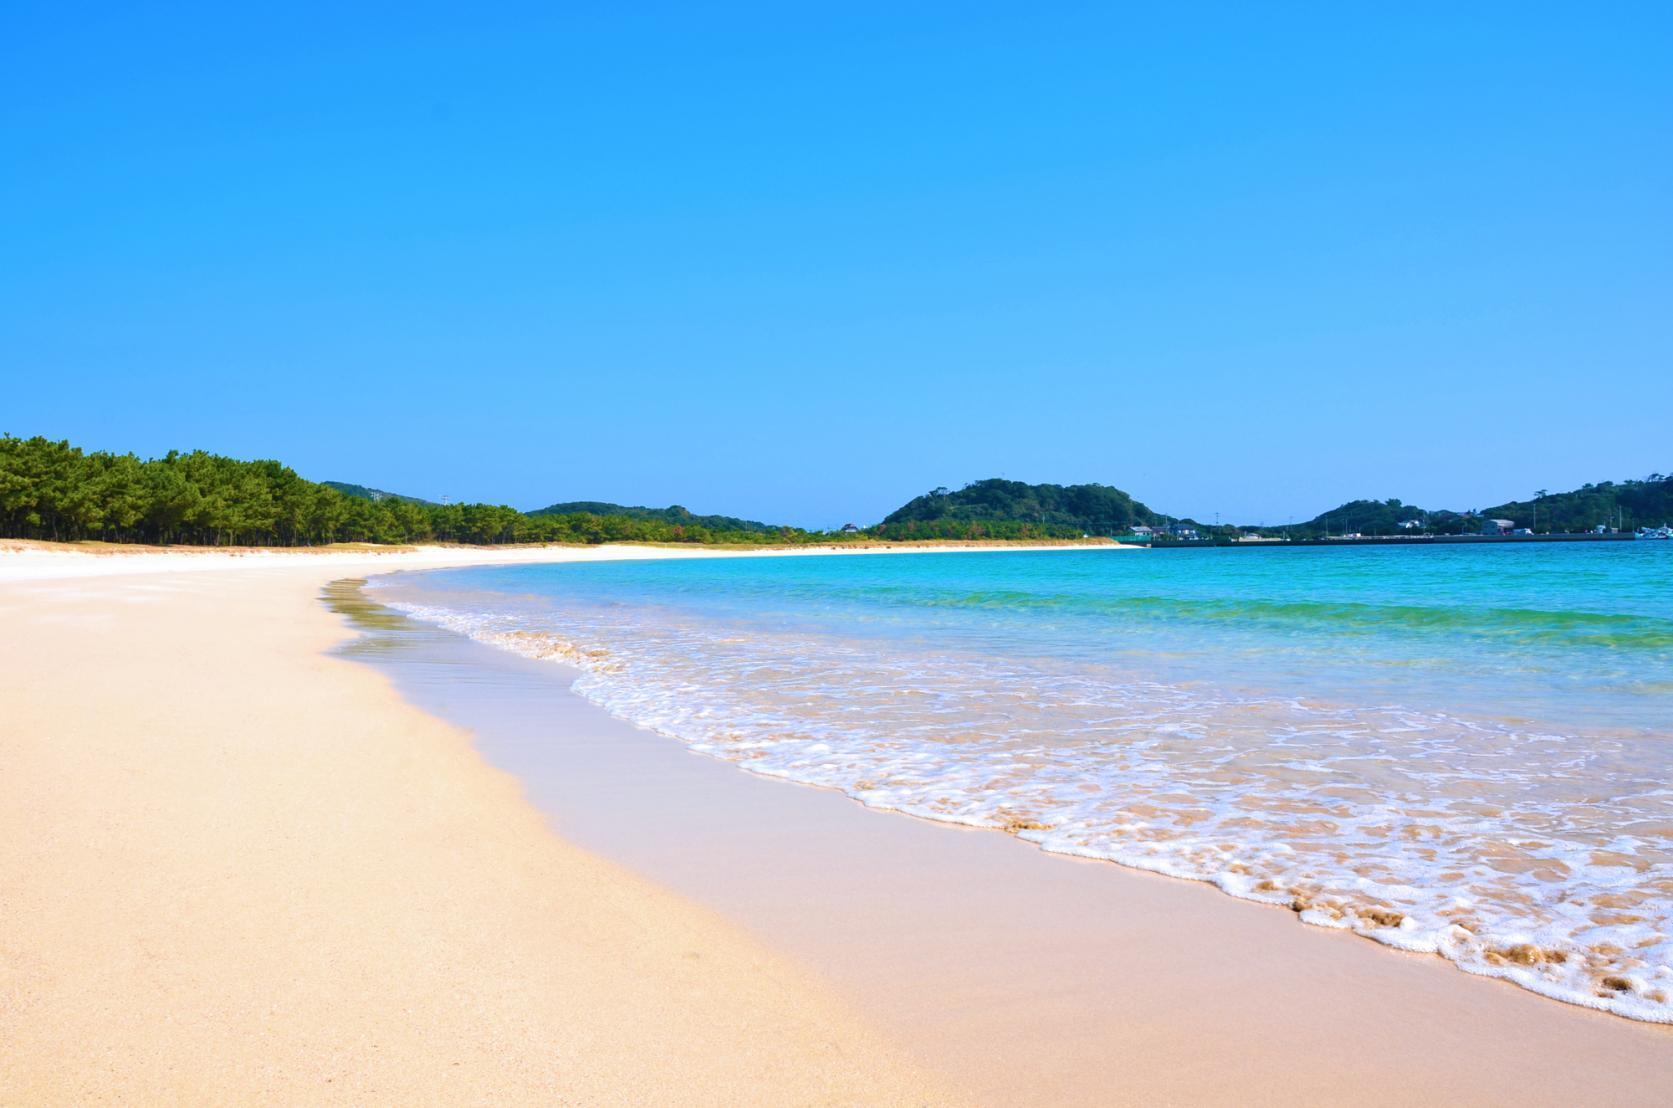 まるで玄界灘の宝石箱!広大な絶景ビーチでゆったり海水浴を-8